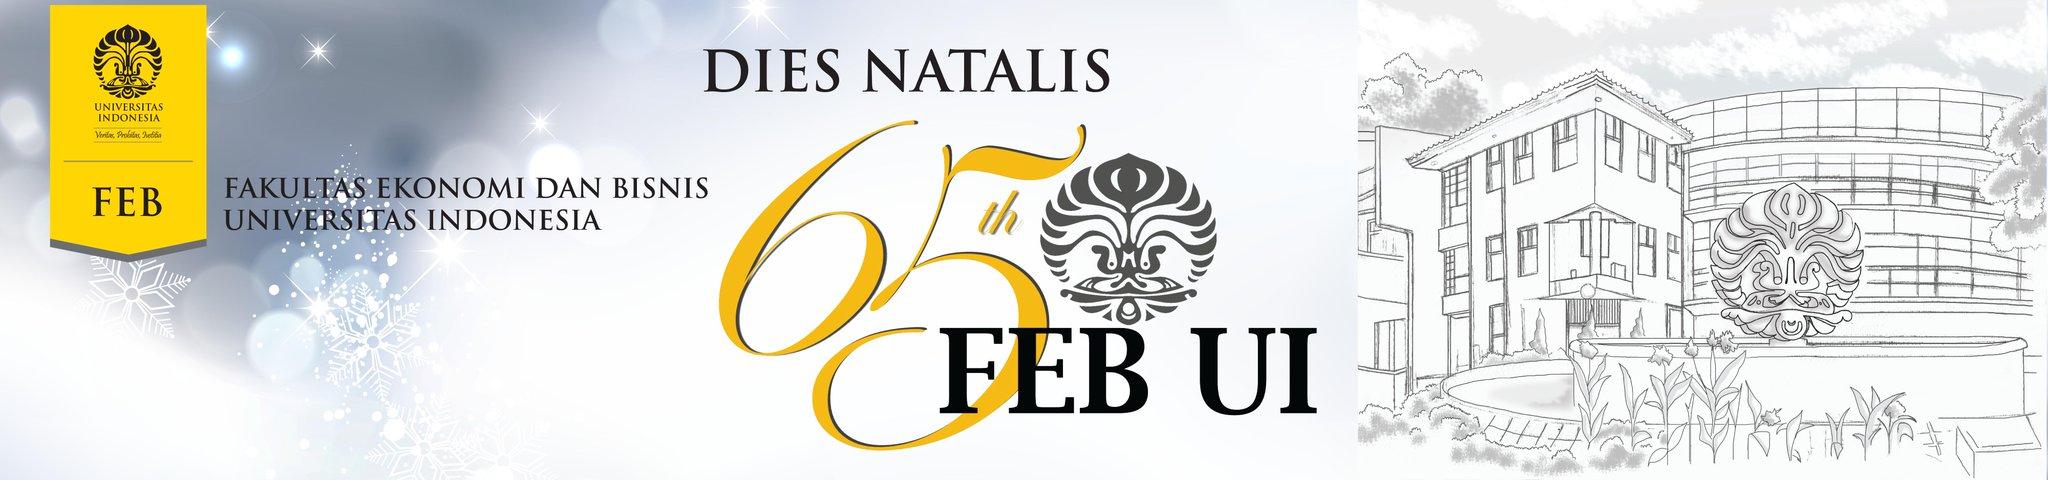 Dies Natalis 65 FEB UI